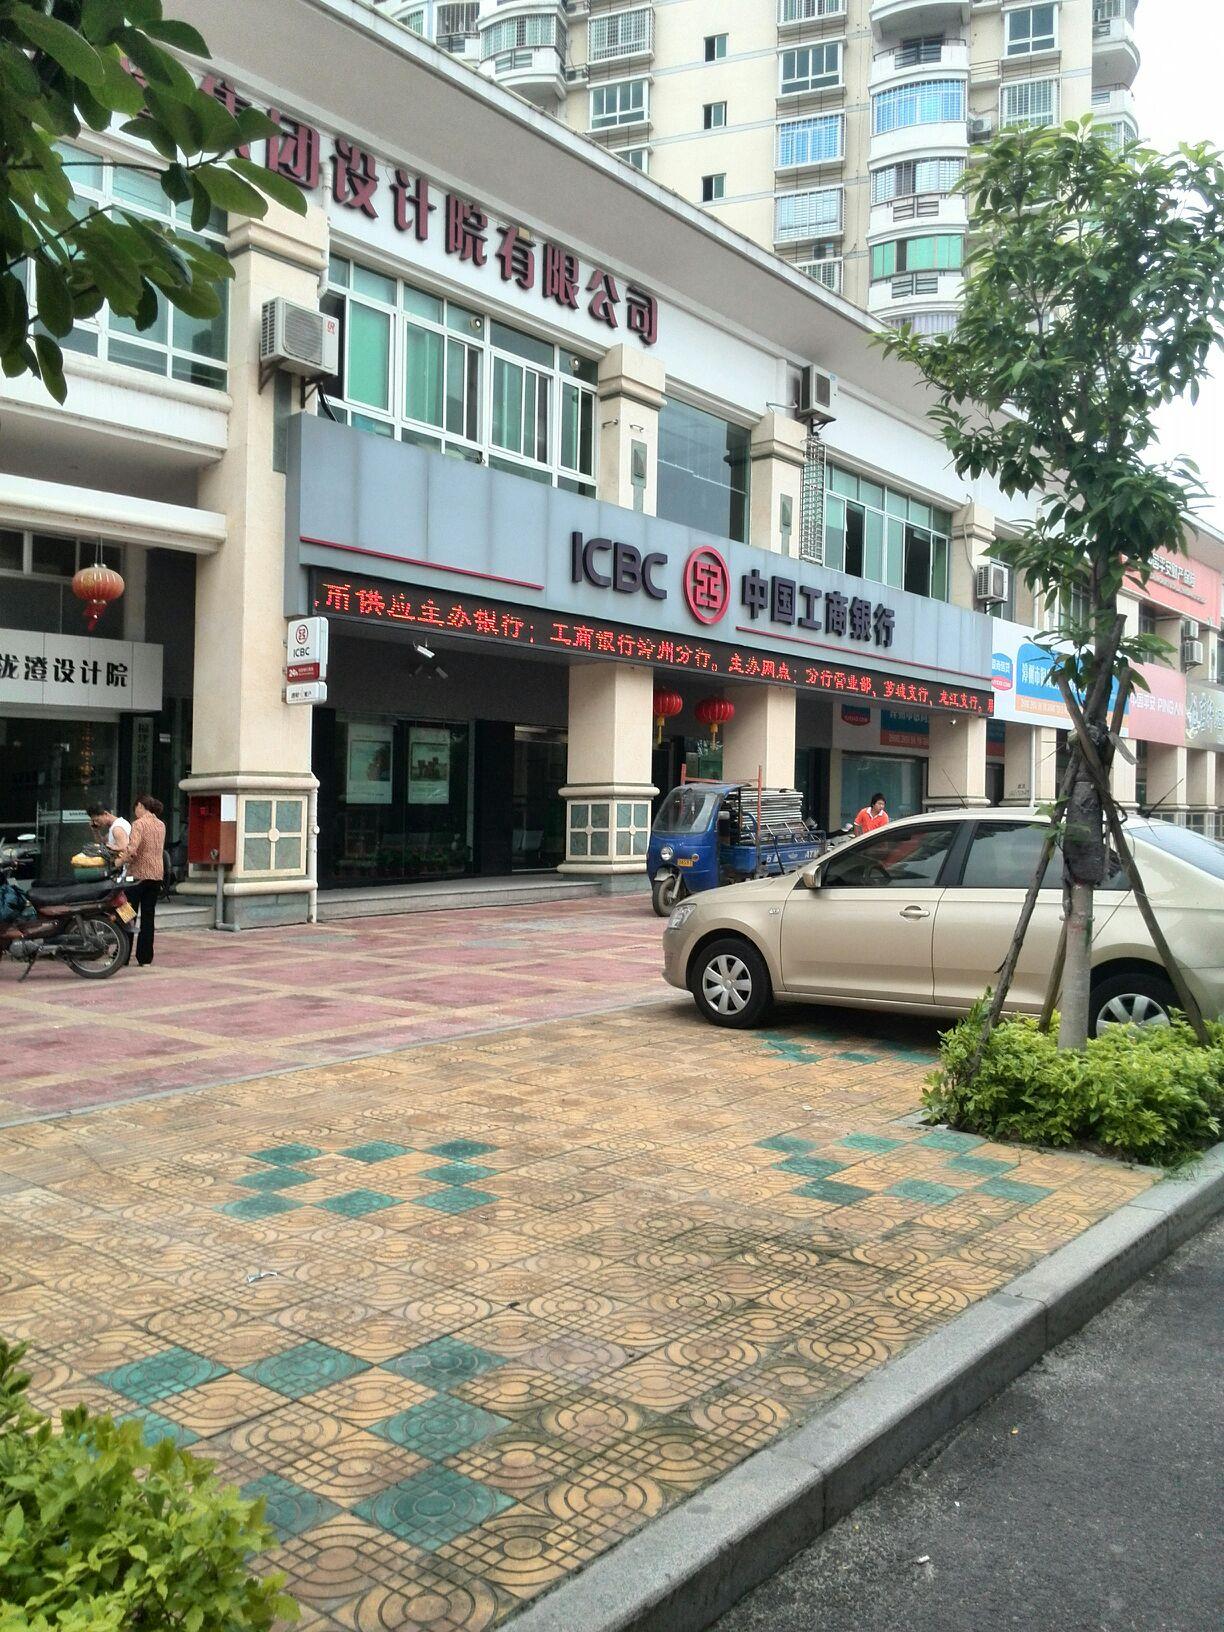 州支行_中国工商银行(龙海芦州支行)